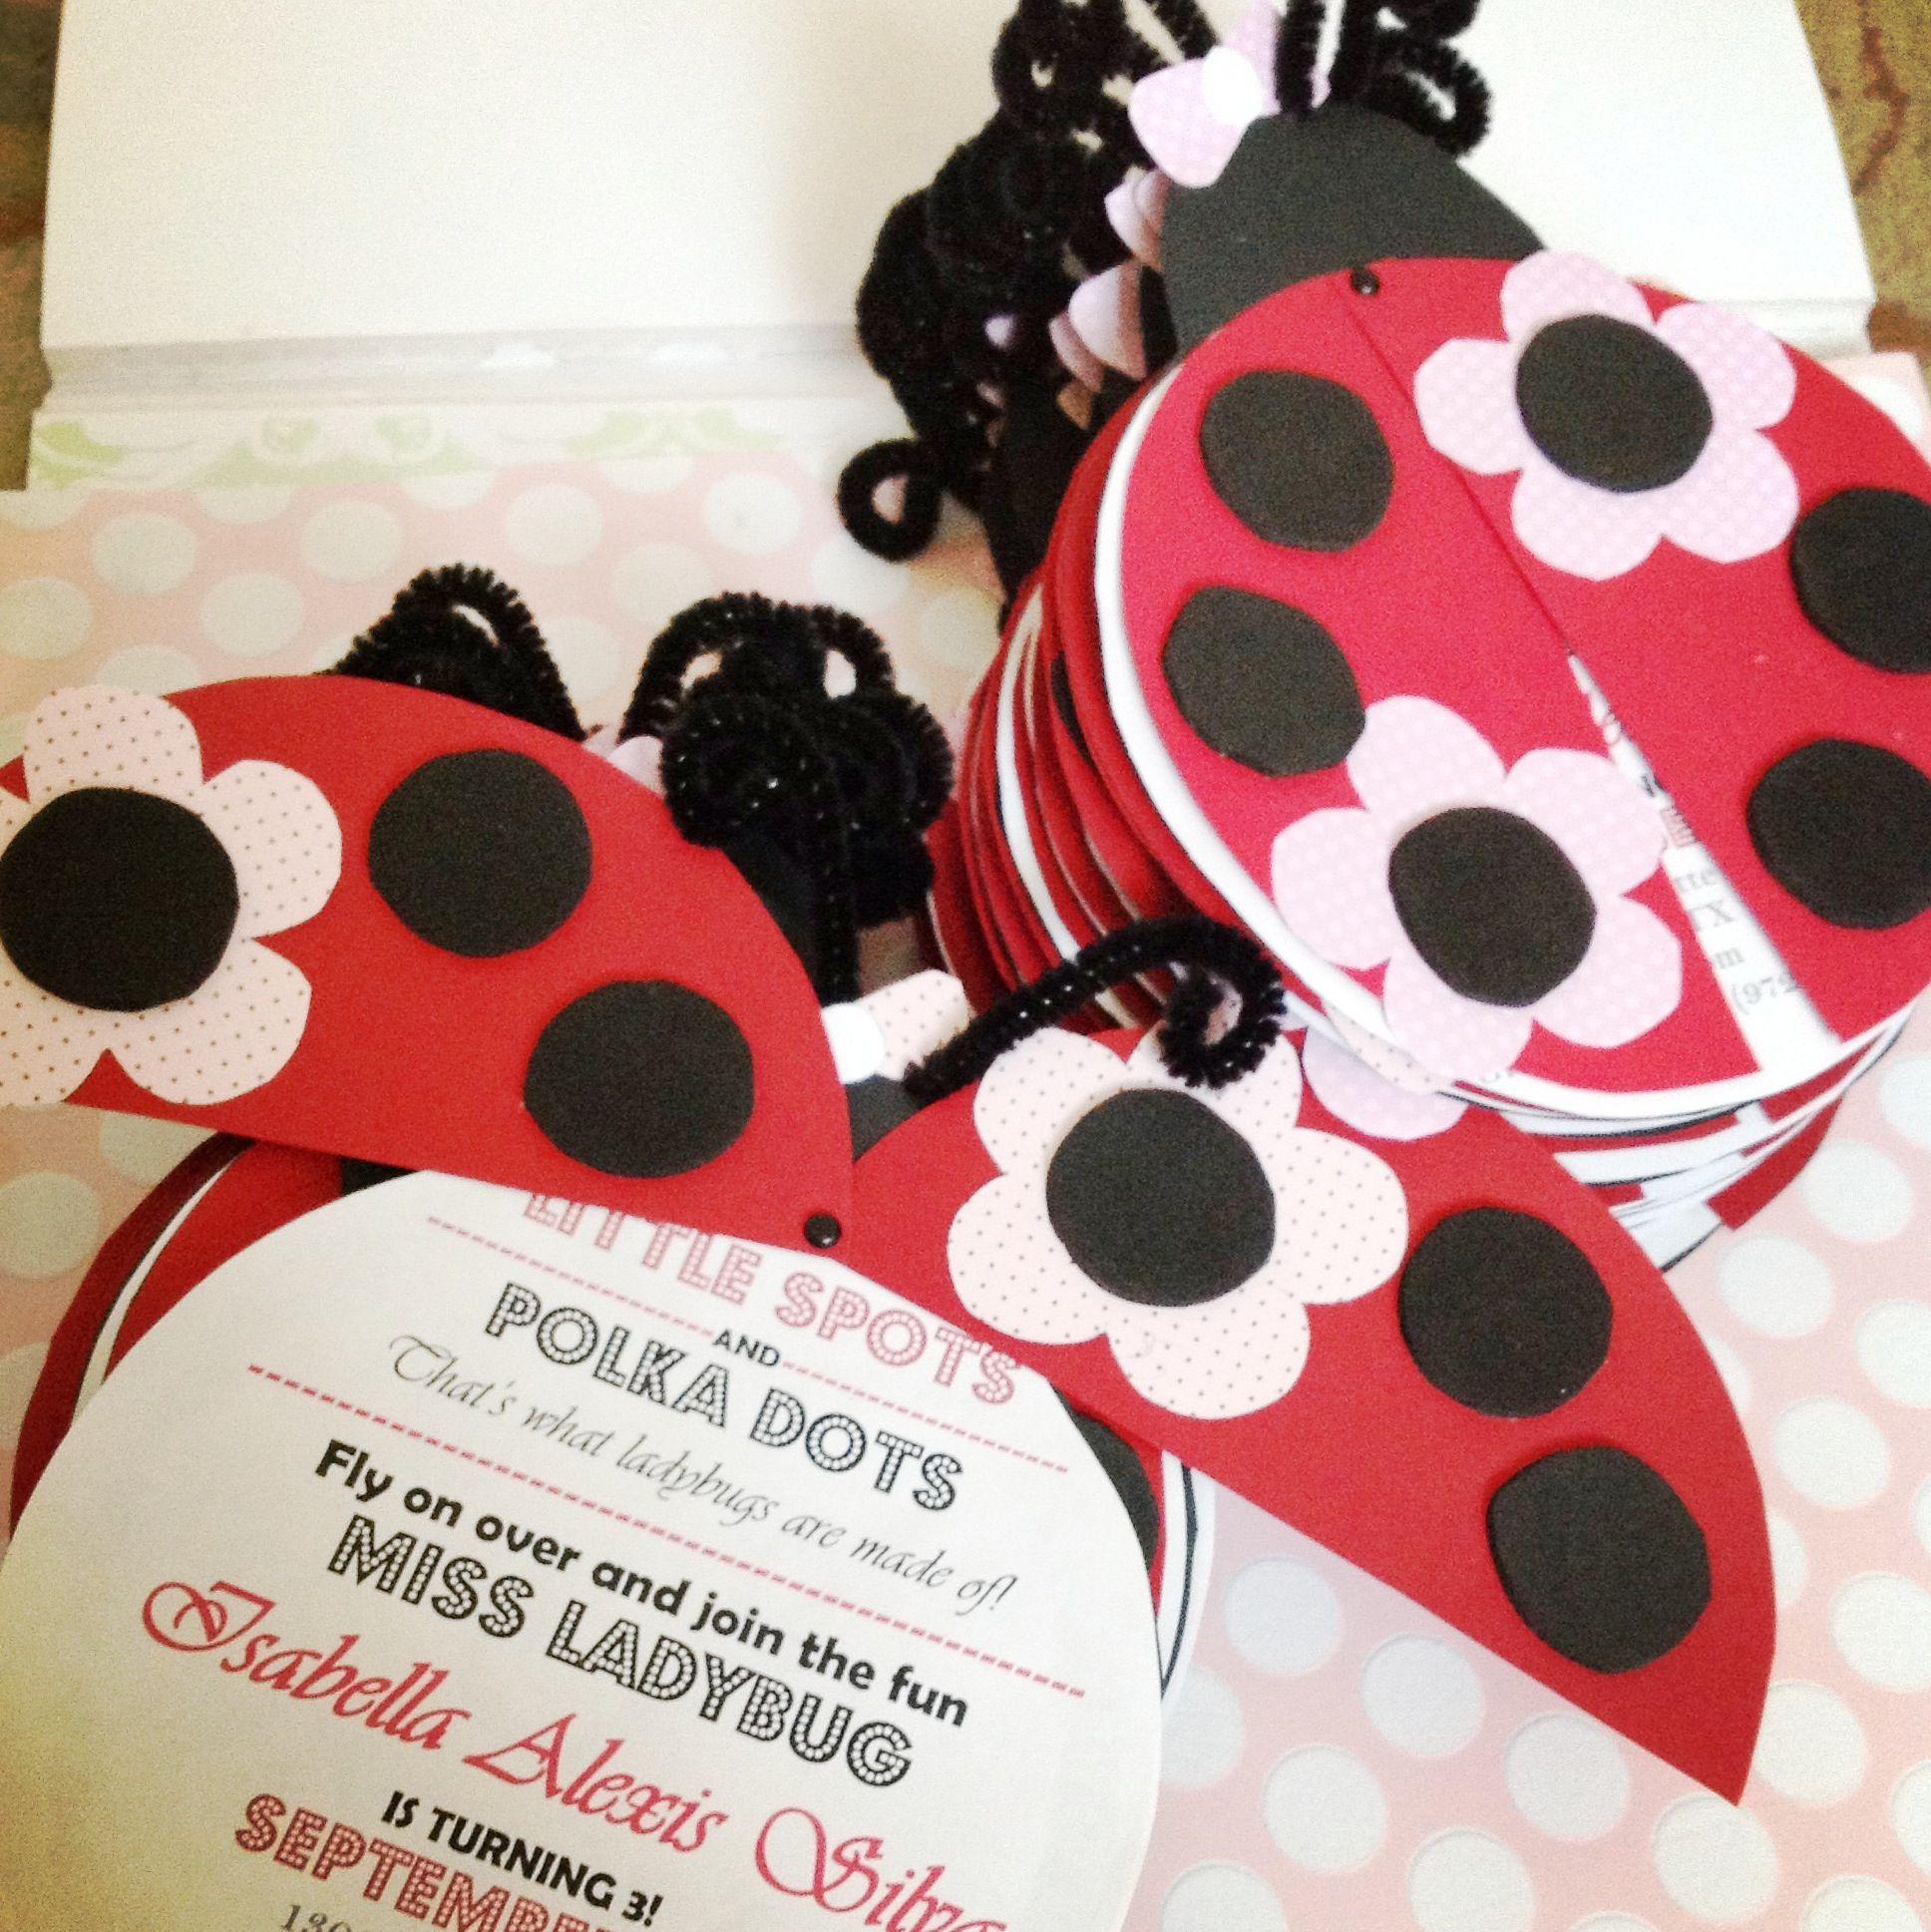 I Made These Ladybug Invitations